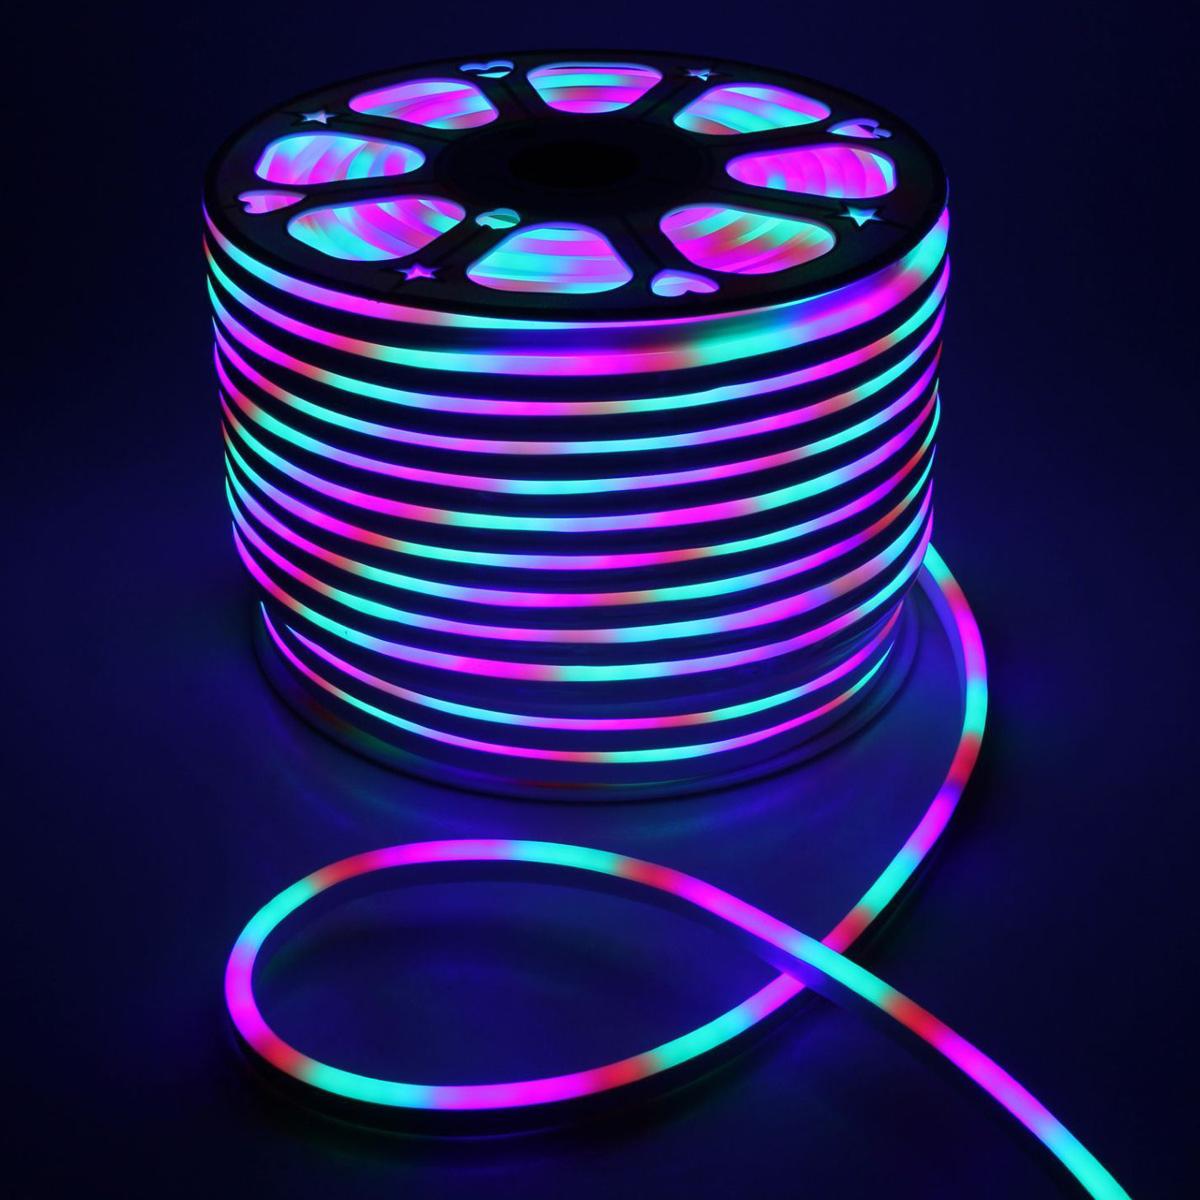 Гирлянда светодиодная Luazon, 120 ламп, 220 V, цвет: мультиколор, 0,8 см х 1,6 см х 100 м. 14312751589819Светодиодные гирлянды, ленты и т.д — это отличный вариант для новогоднего оформления интерьера или фасада. С их помощью помещение любого размера можно превратить в праздничный зал, а внешние элементы зданий, украшенные ими, мгновенно станут напоминать очертания сказочного дворца. Такие украшения создают ауру предвкушения чуда. Деревья, фасады, витрины, окна и арки будто специально созданы, чтобы вы украсили их светящимися нитями.